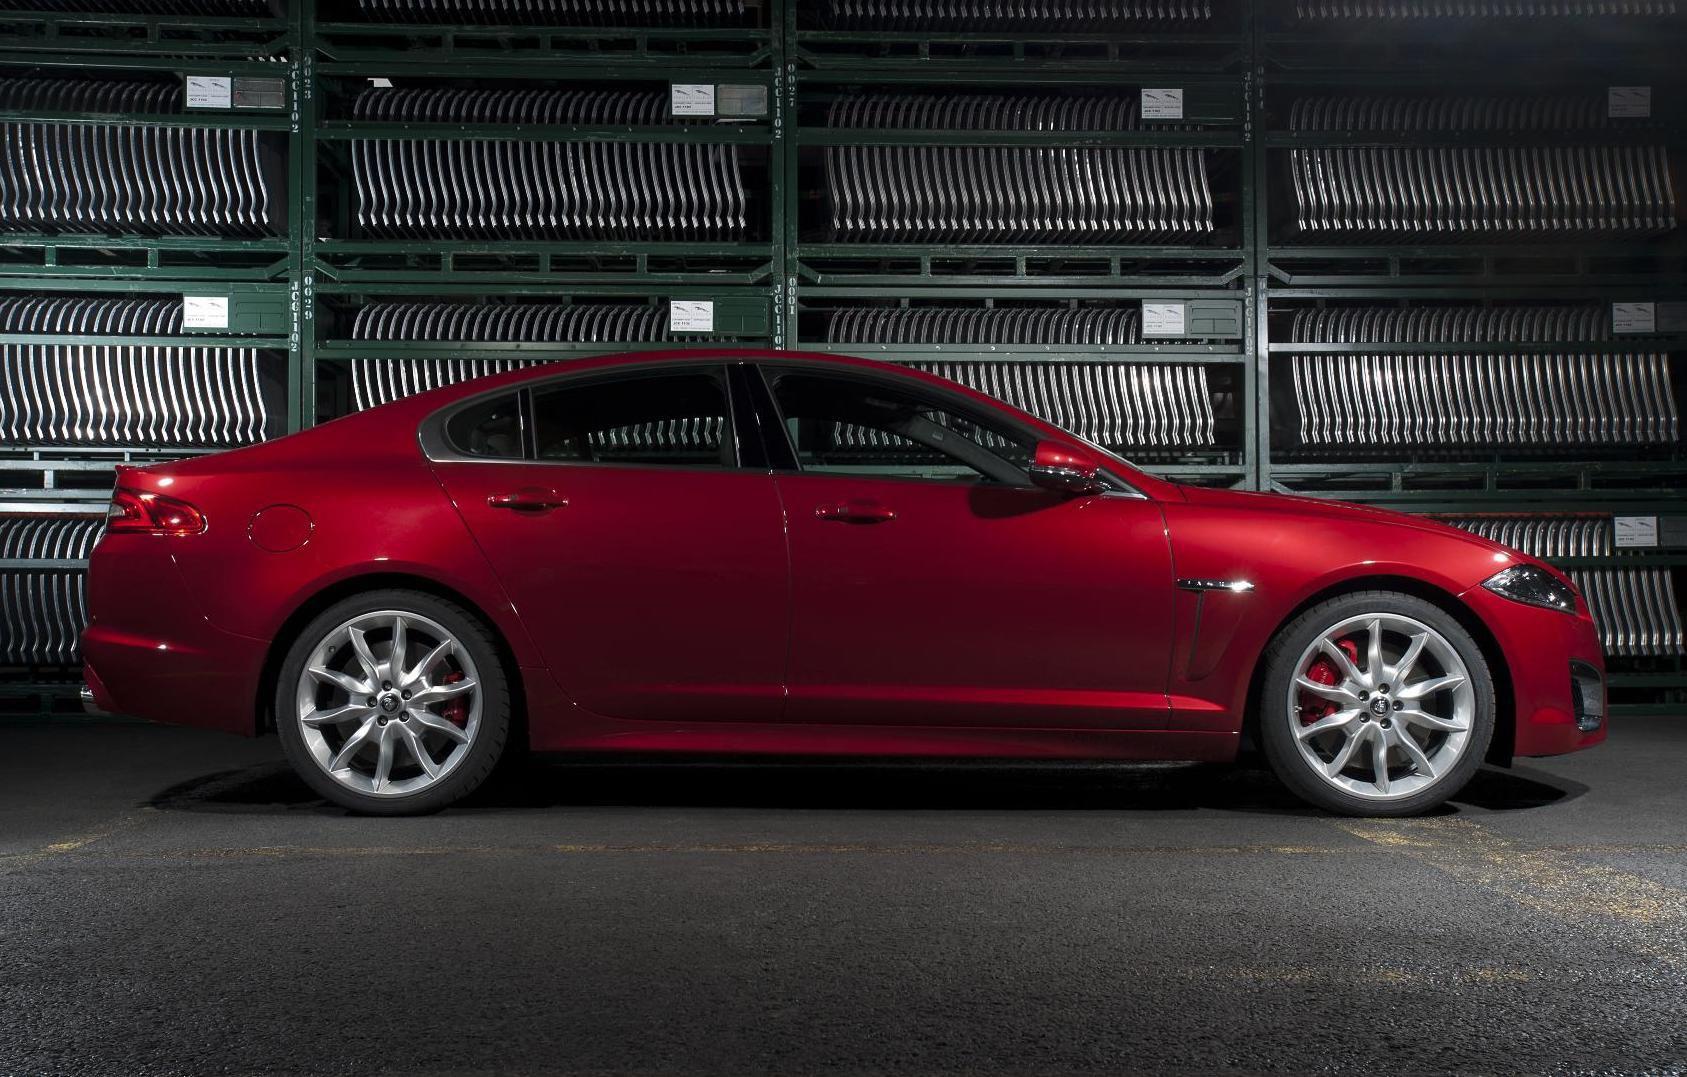 Used Jaguar XK Coupe (2006 - 2014) Review | Parkers